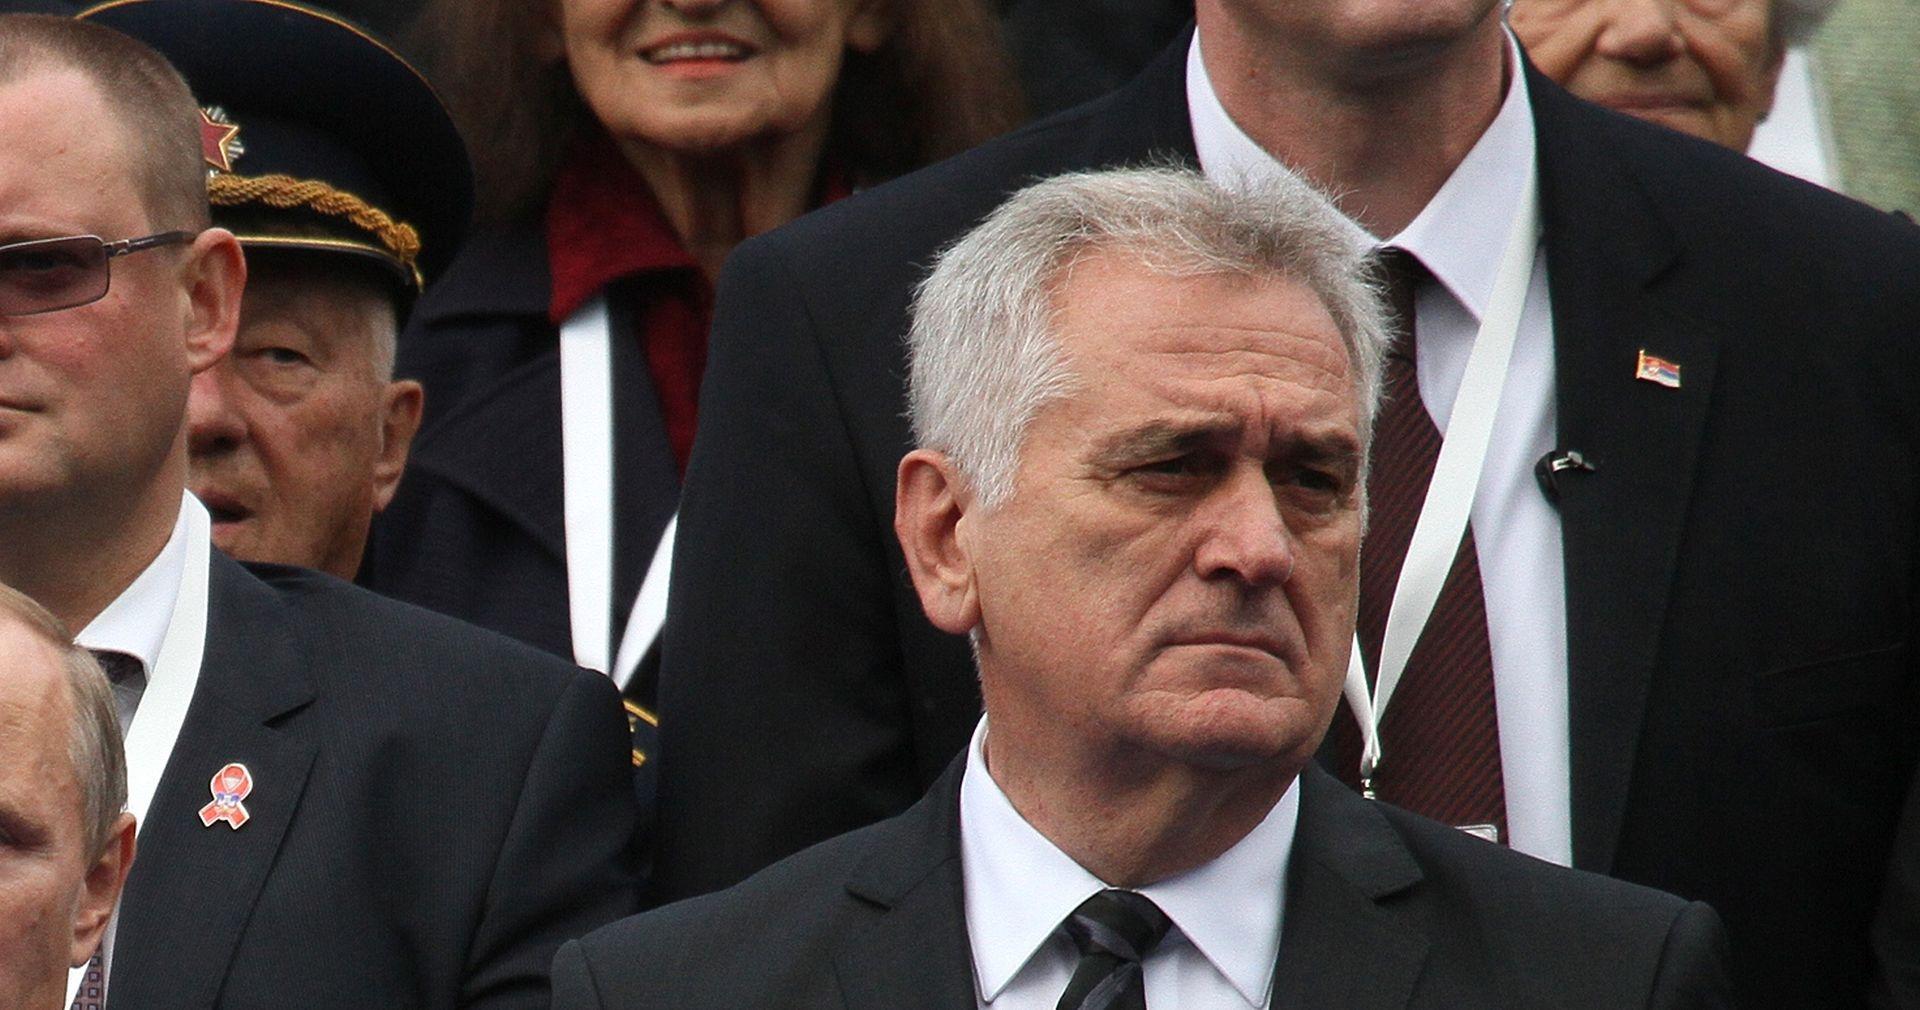 SPOMENIK MILOŠEVIĆU Nikolić: 'Podijeljen sam kao i cijela Srbija, podići obilježje ili ne'